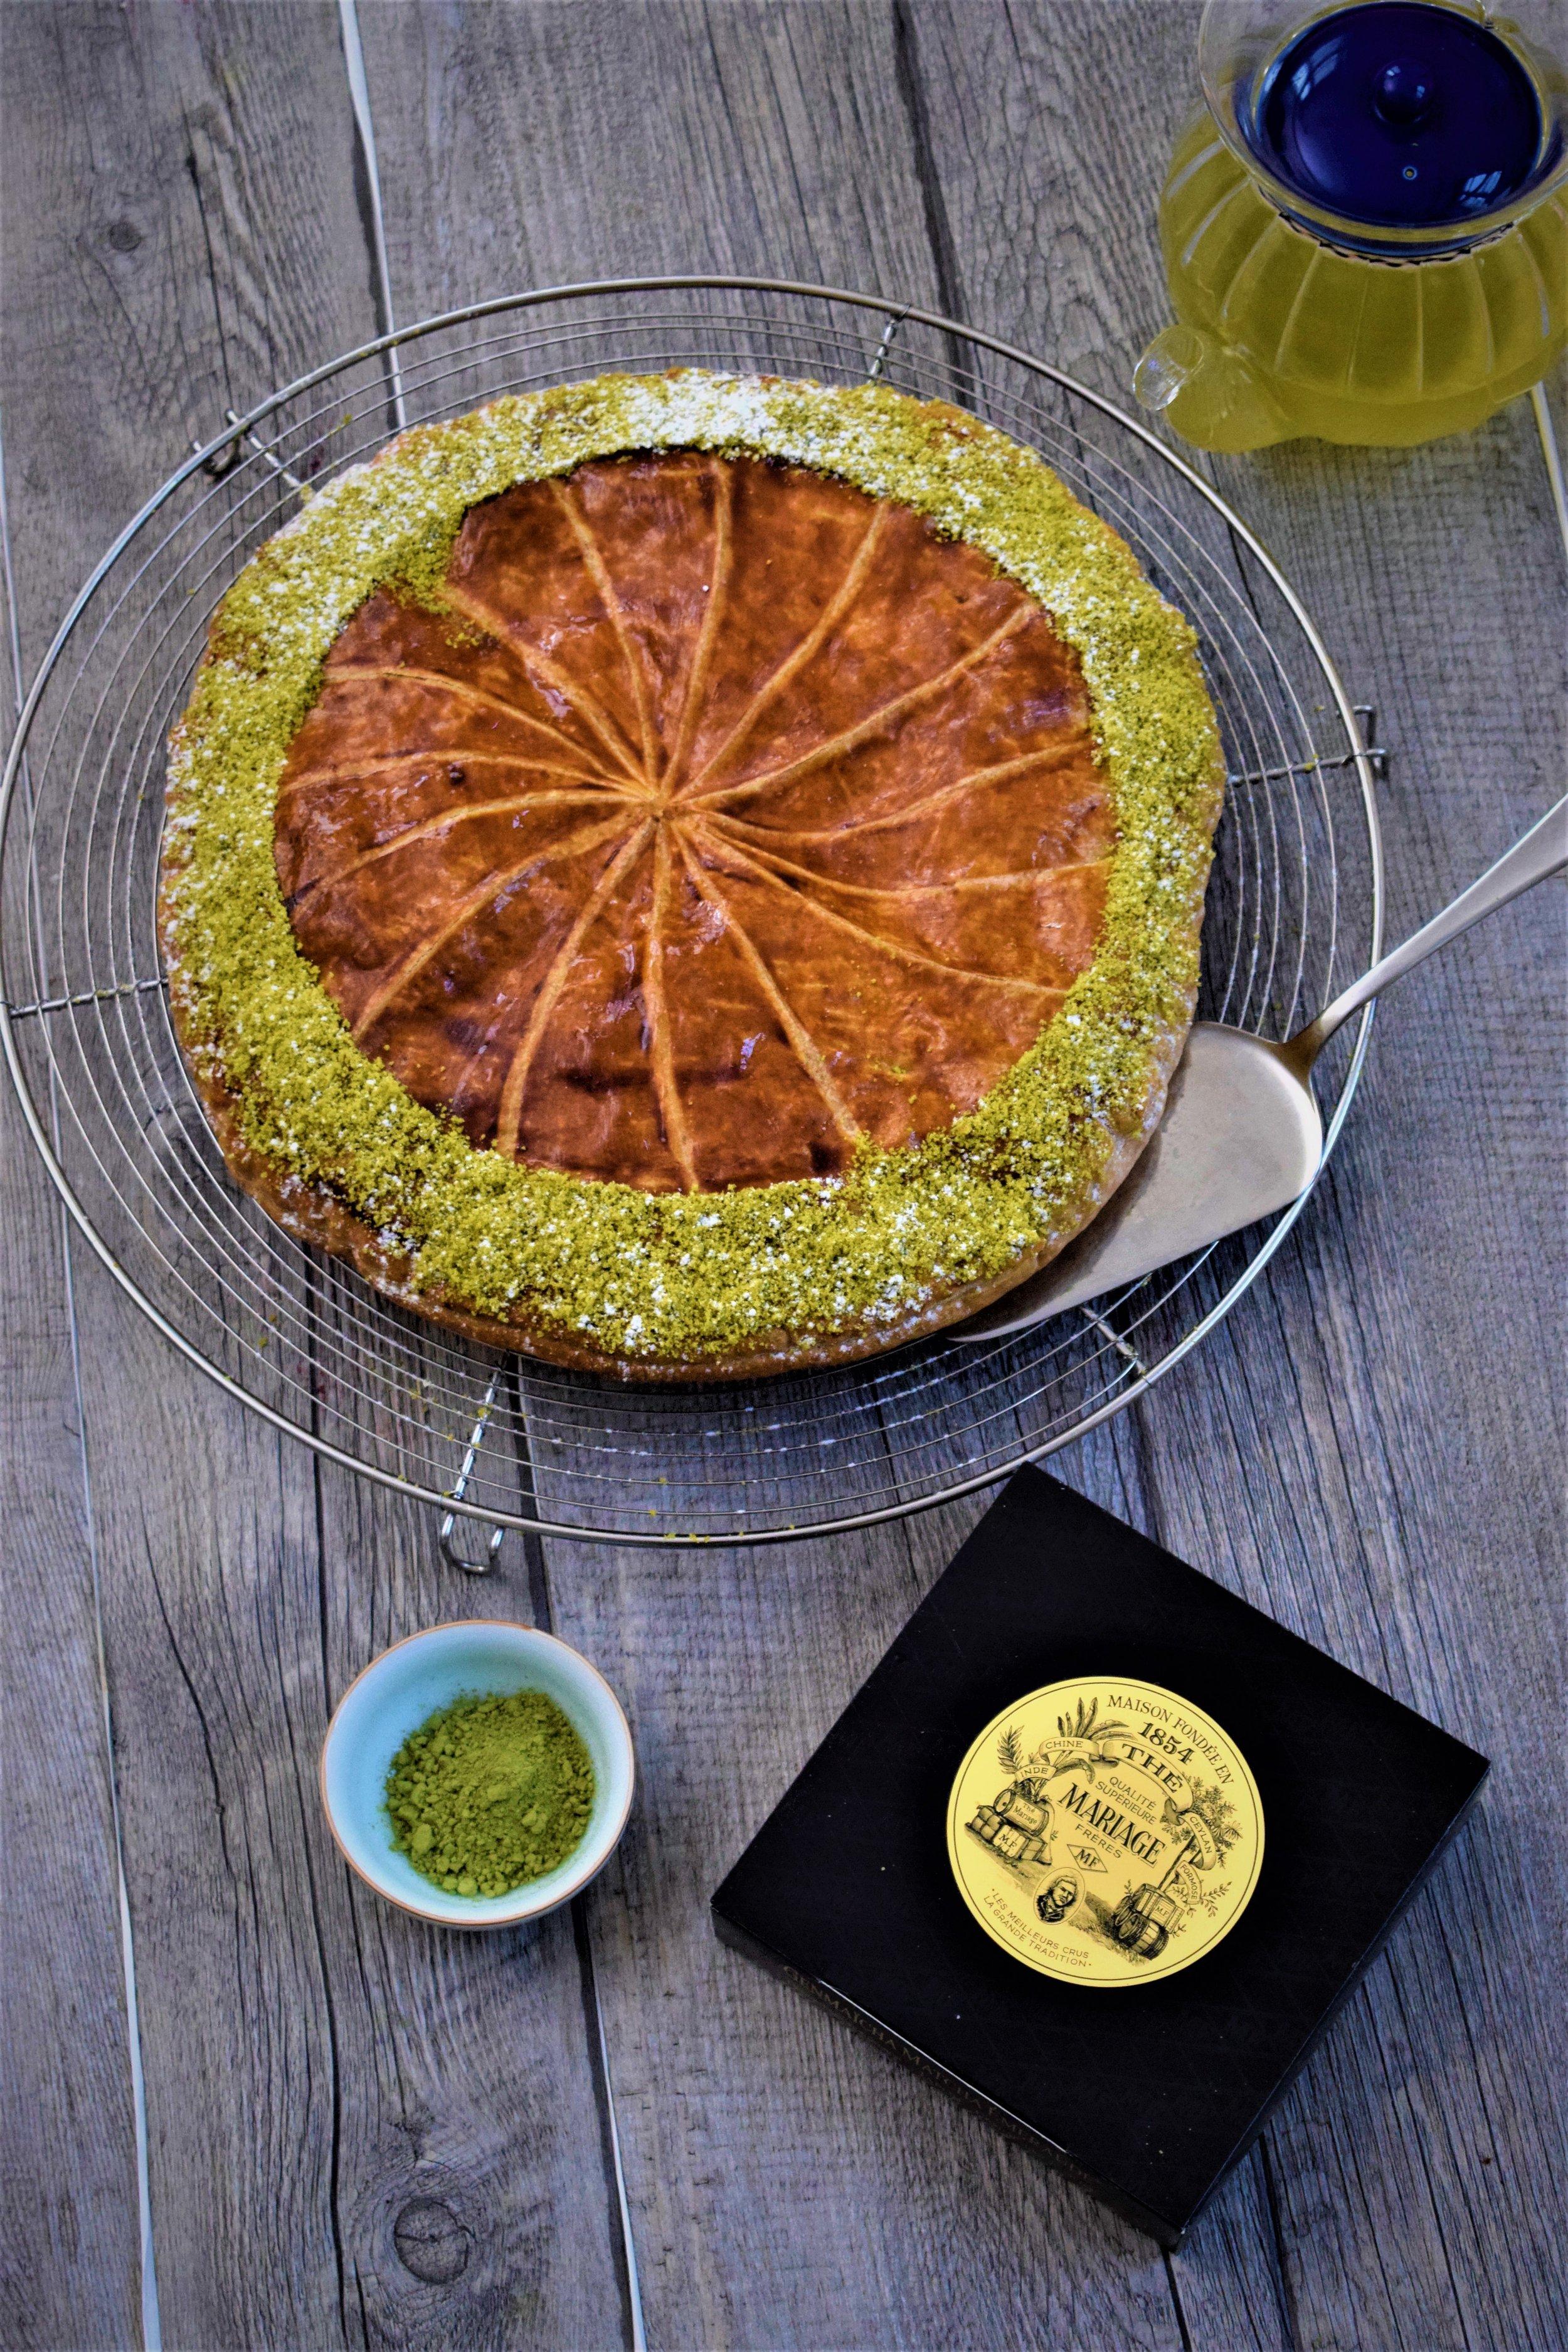 galette thé Matcha Cyril Rouquet-Prévost